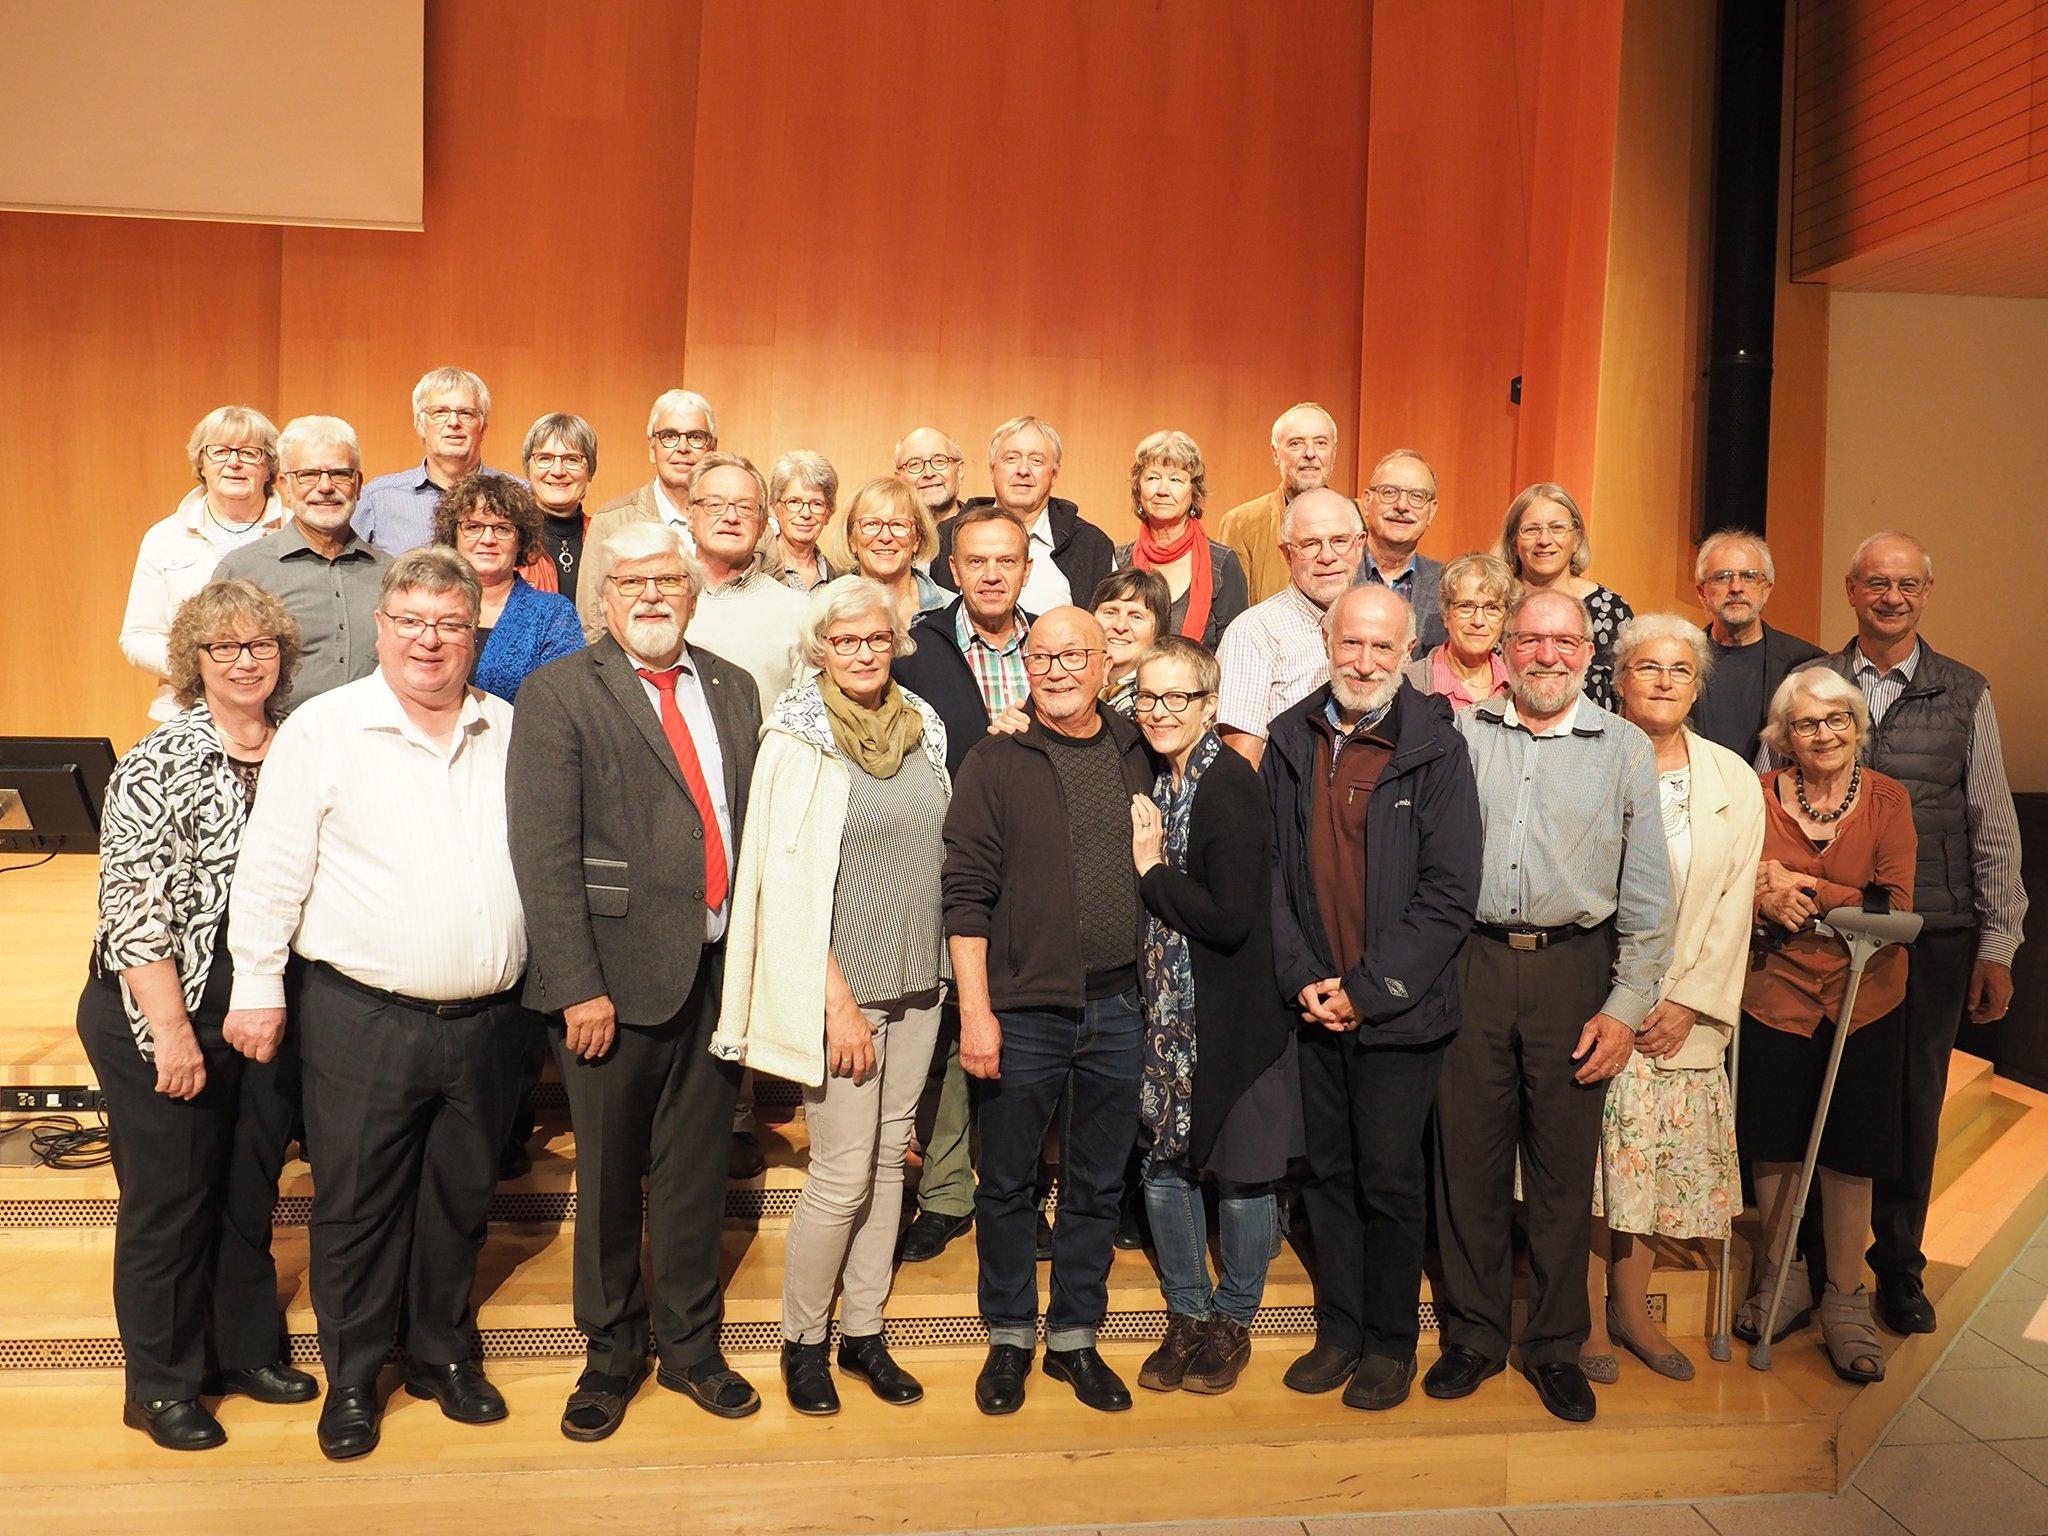 tsc-Jubiläumstreffen 2019: 40 Jahre Jubiläum (Abschlussklasse 1979)